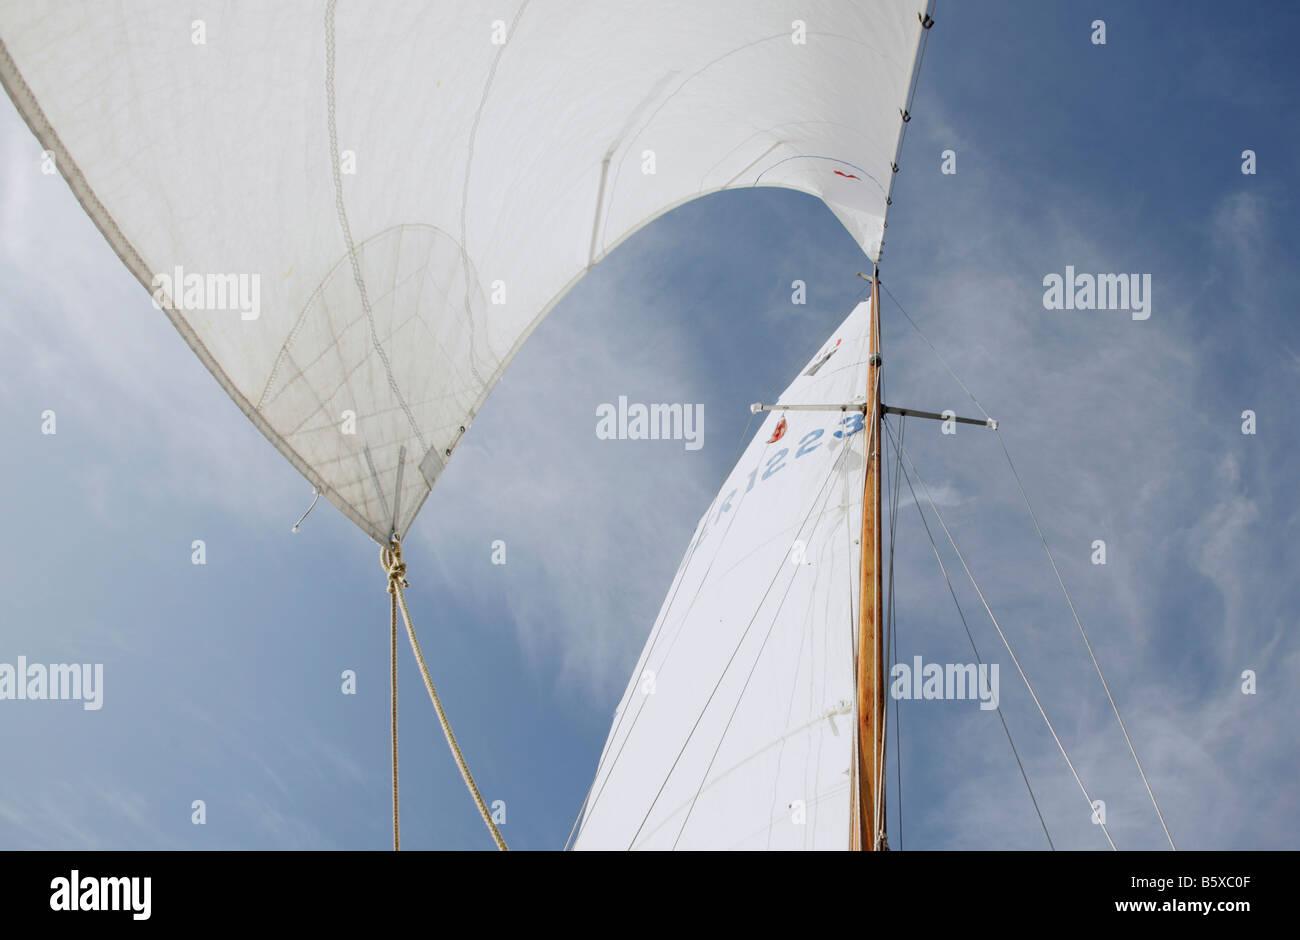 Mainsail and headsail of a sailing boat - Stock Image